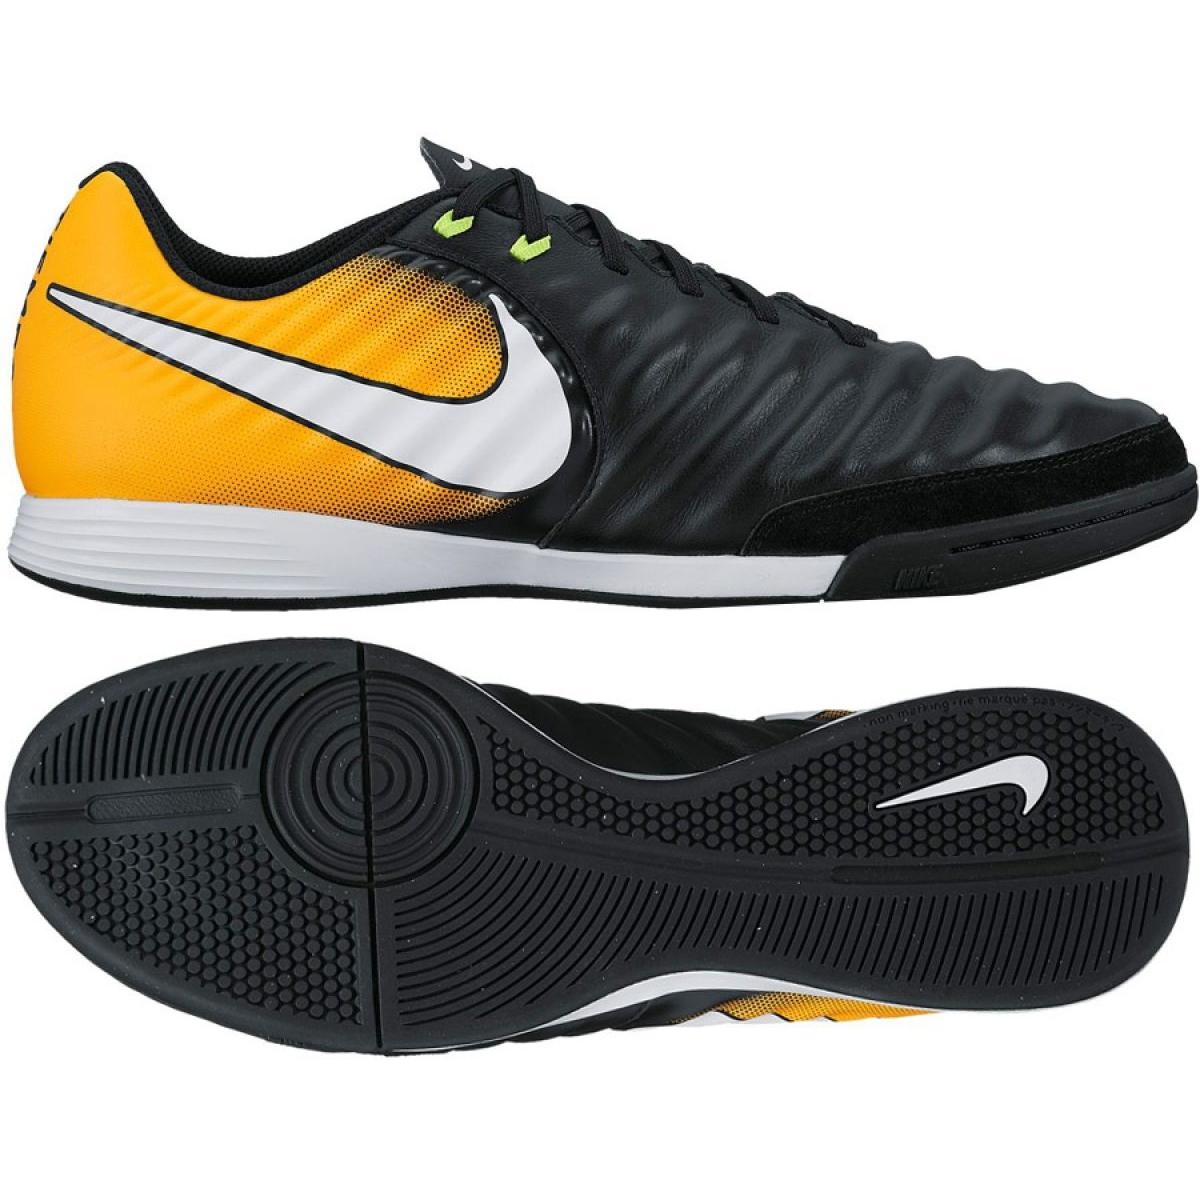 Fu ballschuhe Nike Tiempo